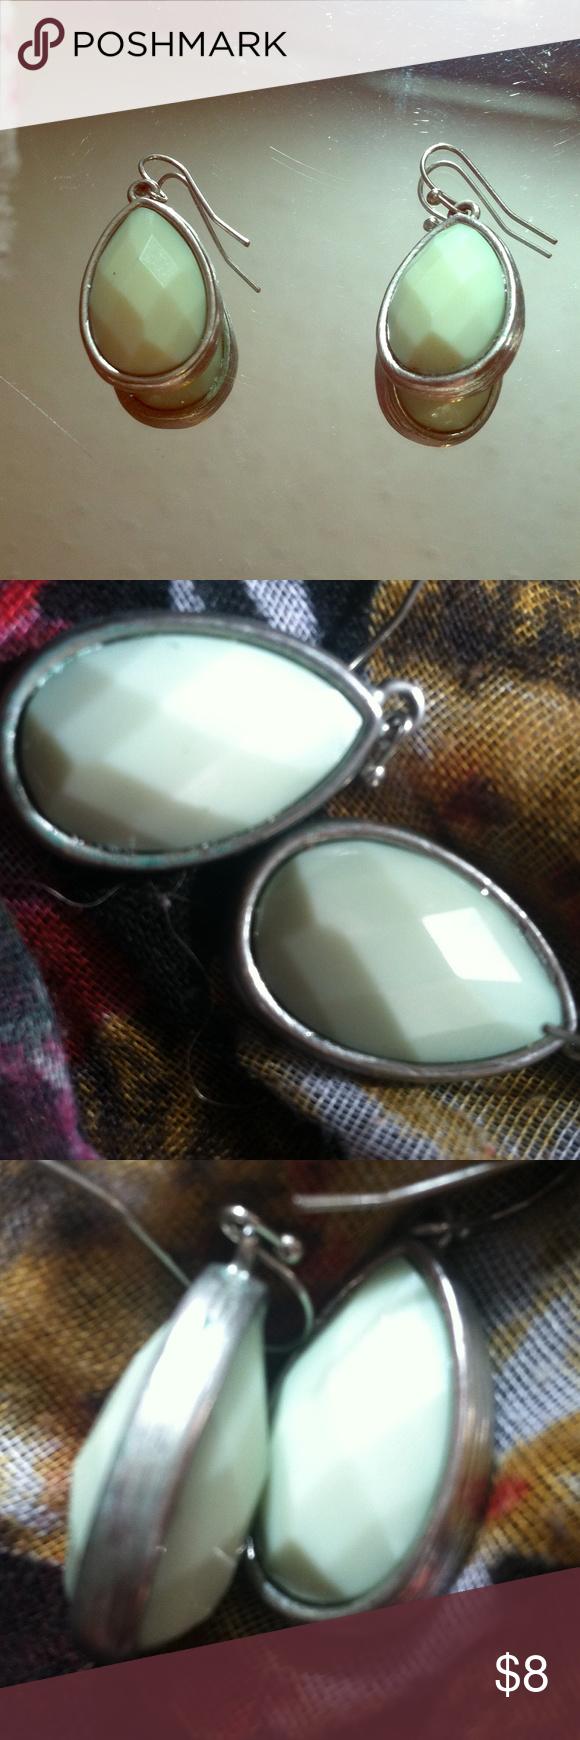 Green mint tear drop earrings 🌸pretty green mint colored earings Jewelry Earrings